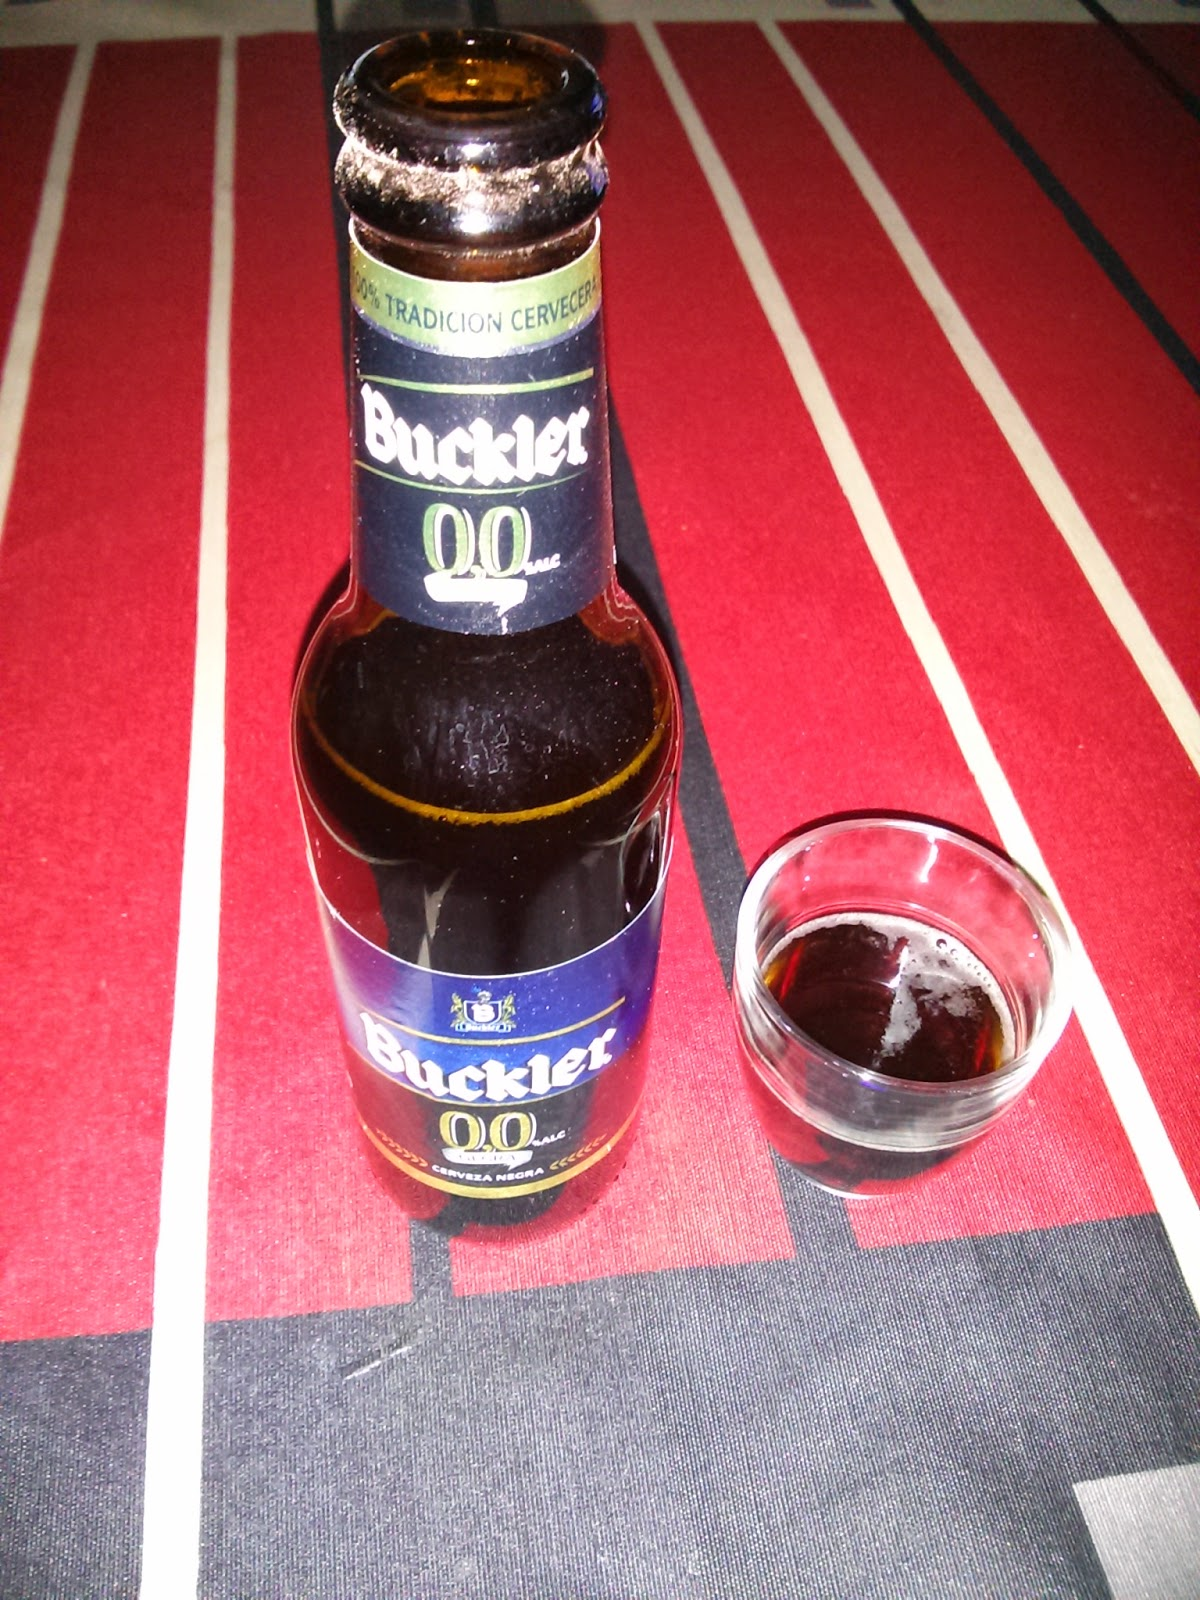 cerveza negra Buckler 0,0